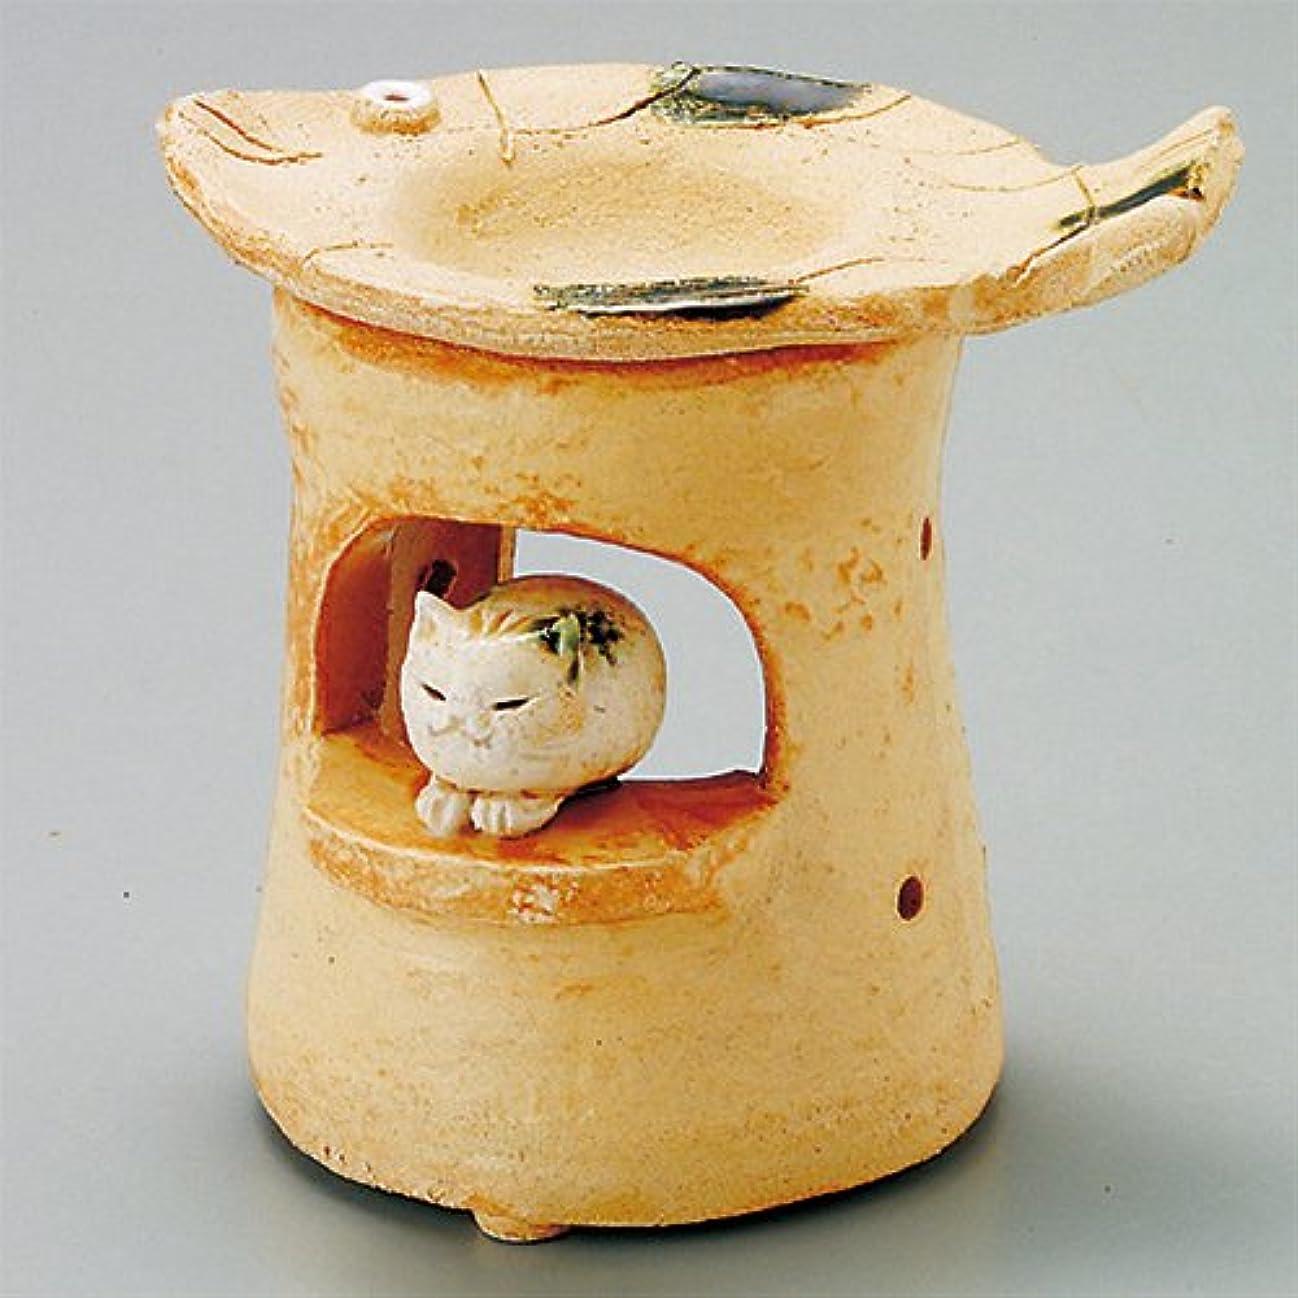 変形するほのめかす愛撫島ねこ 島ねこ 茶香炉 [12x8.5xH11.5cm] HANDMADE プレゼント ギフト 和食器 かわいい インテリア